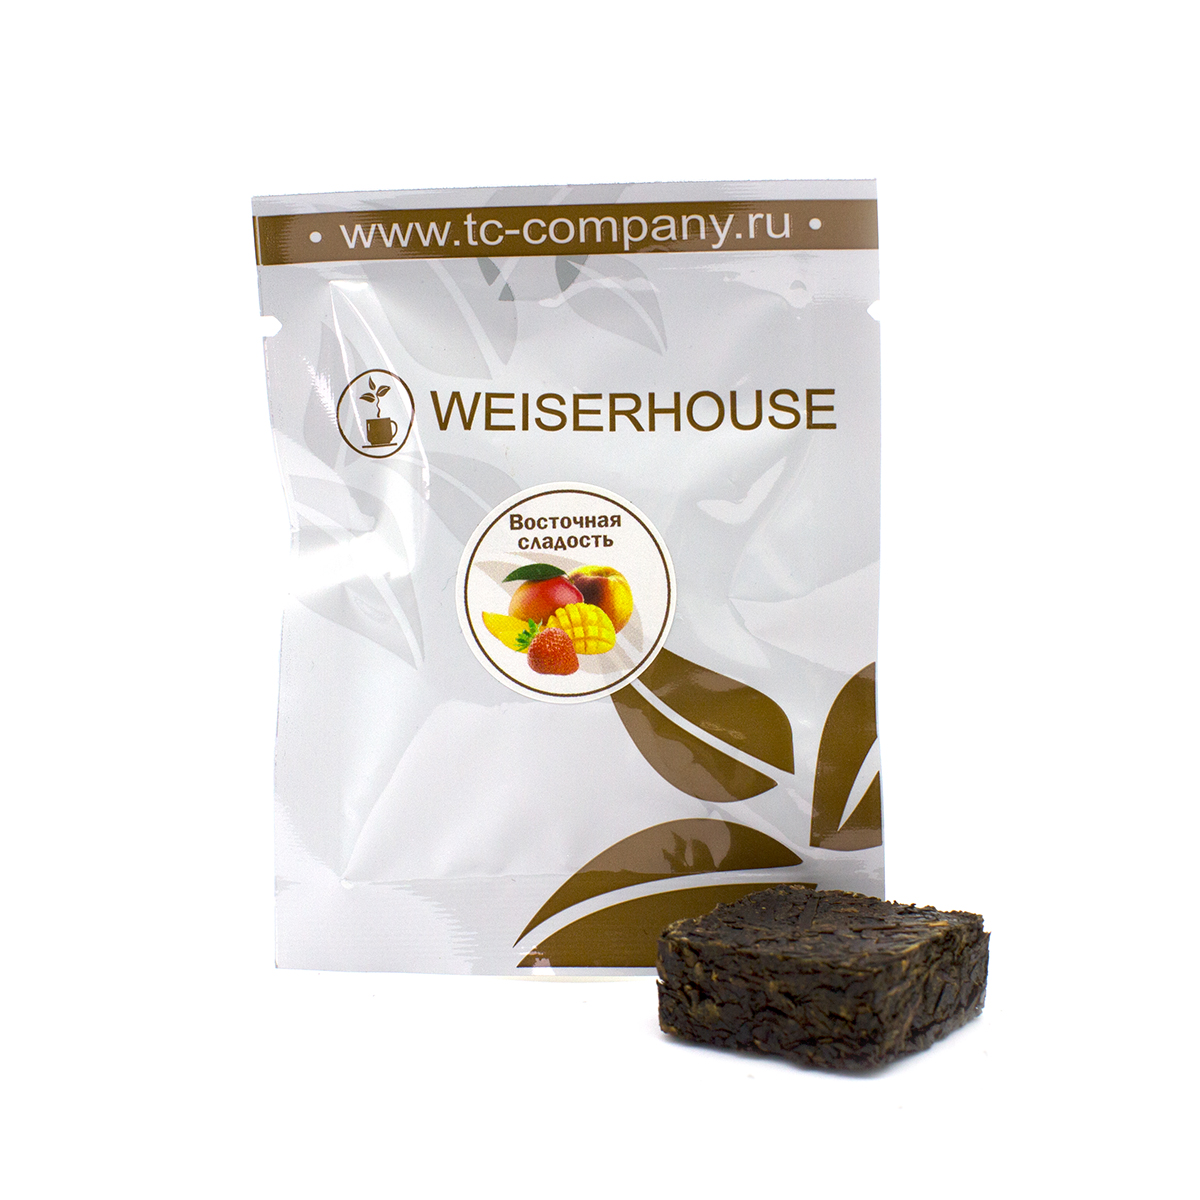 Чай черный Восточная сладость прессованный в кубиках (5-7 гр.) в инд. упак. ароматизатор 2000 натуральному сыр